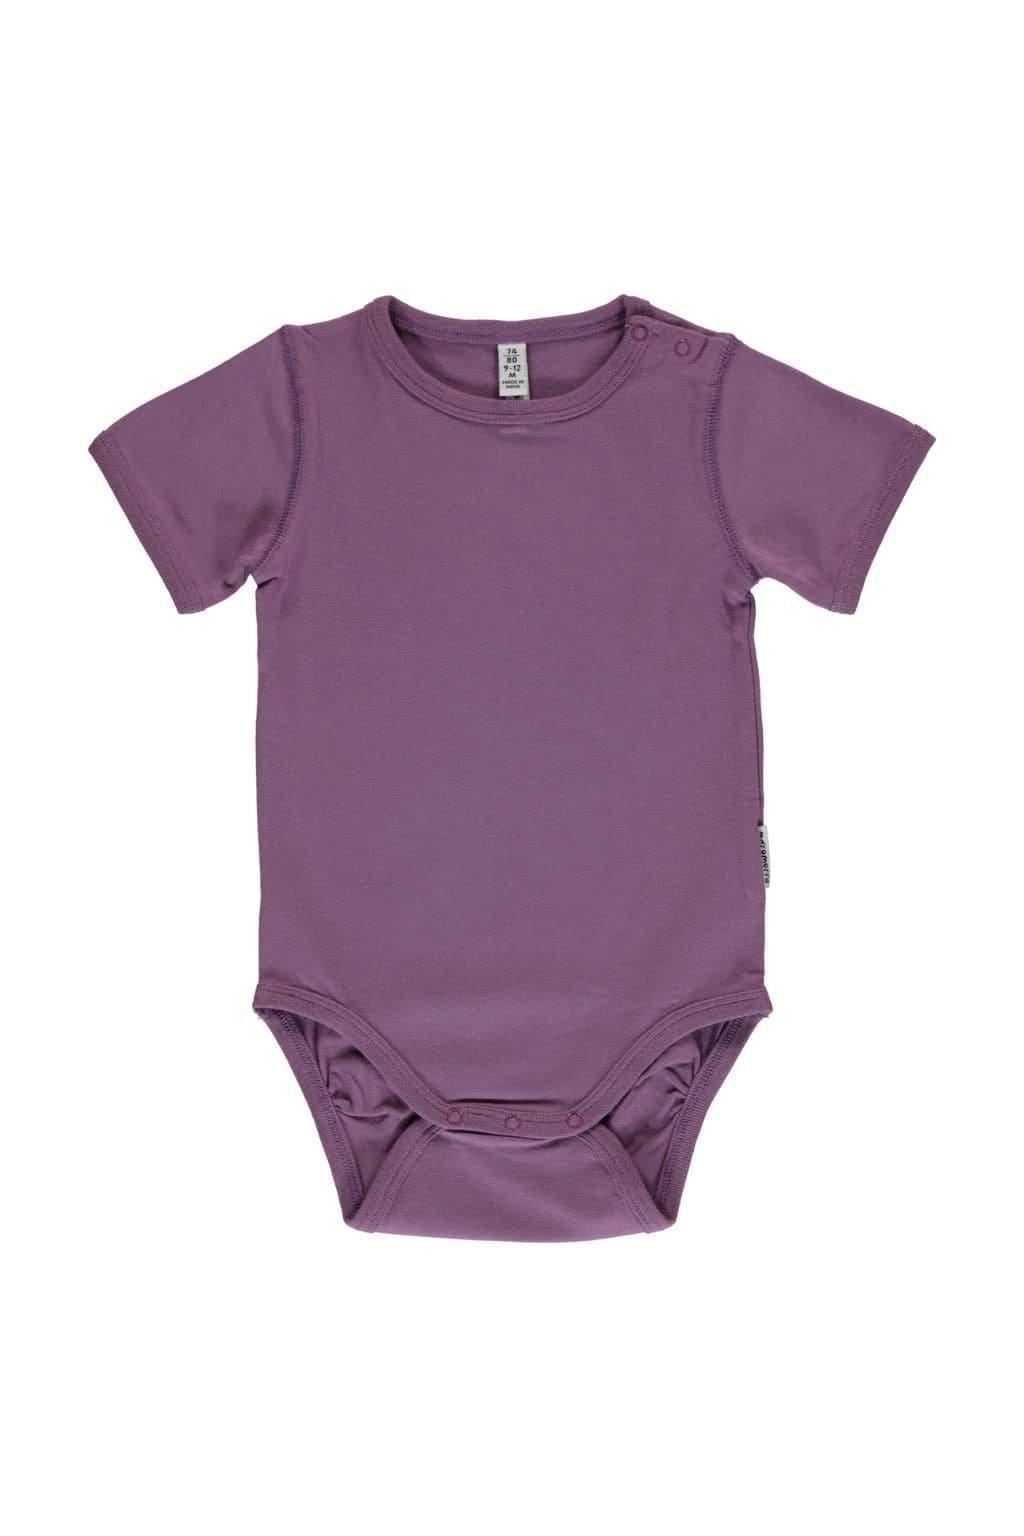 body ss dusty purple (1)